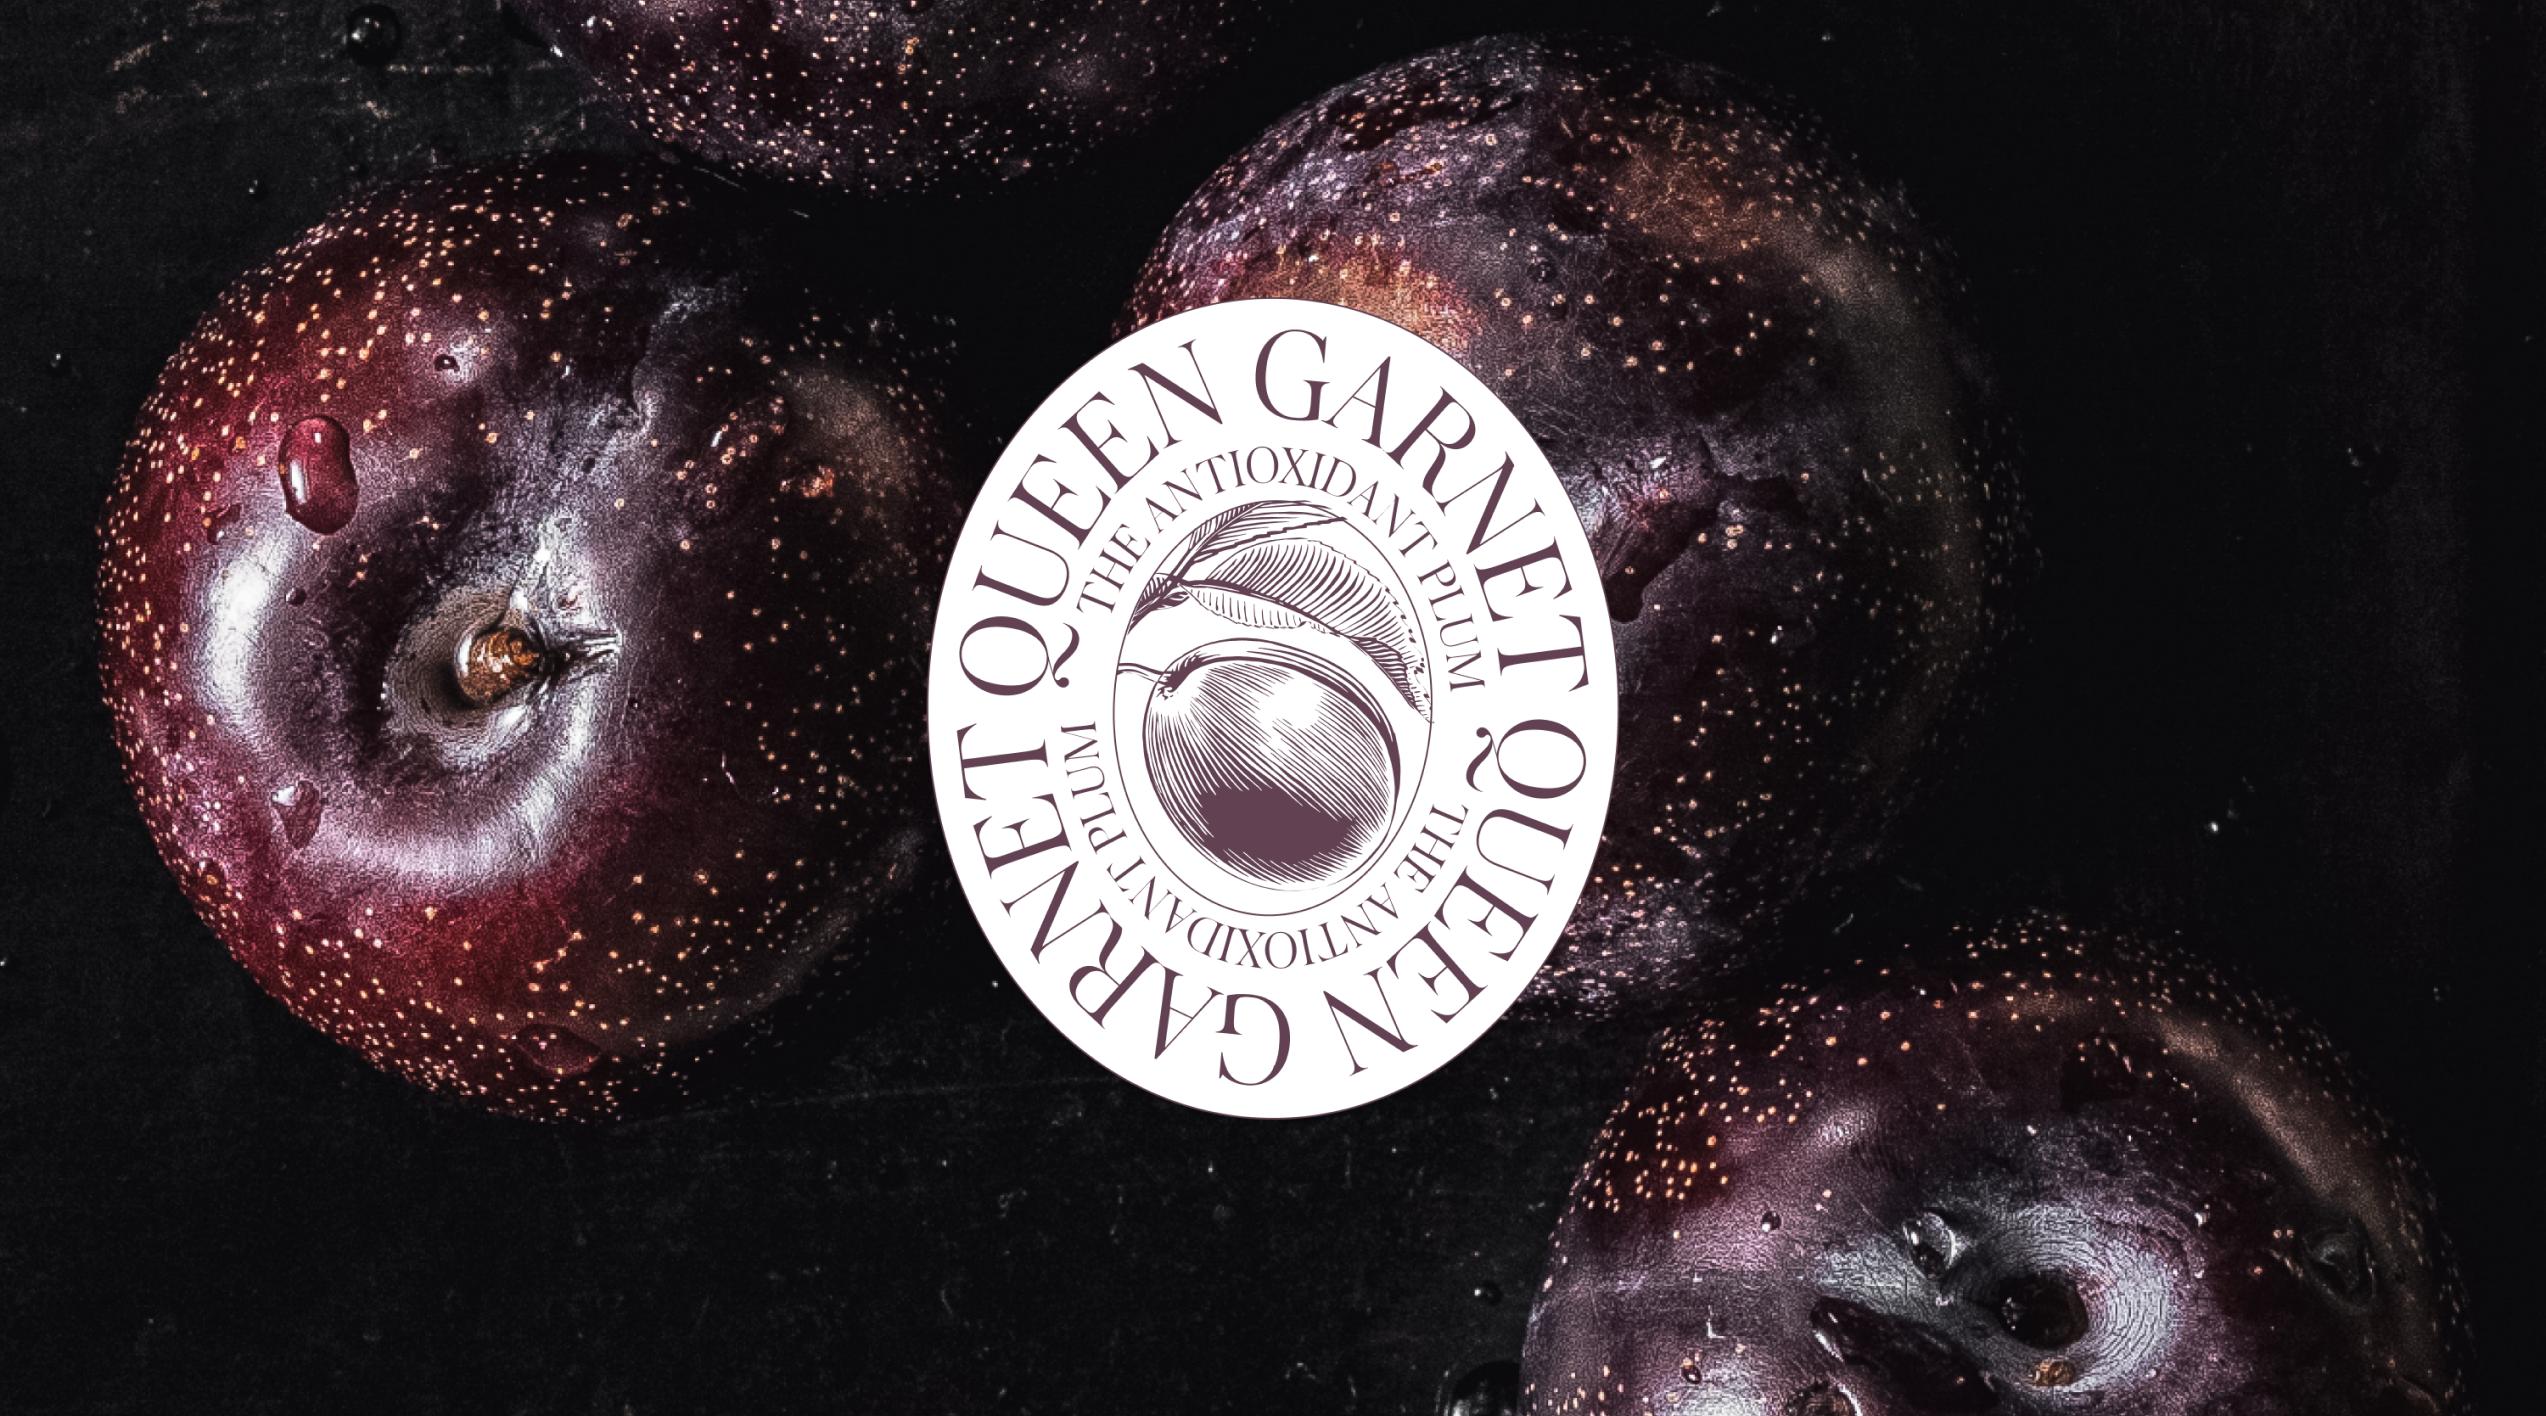 Queen Garnet logo overlaid over an image of Queen Garnet plums